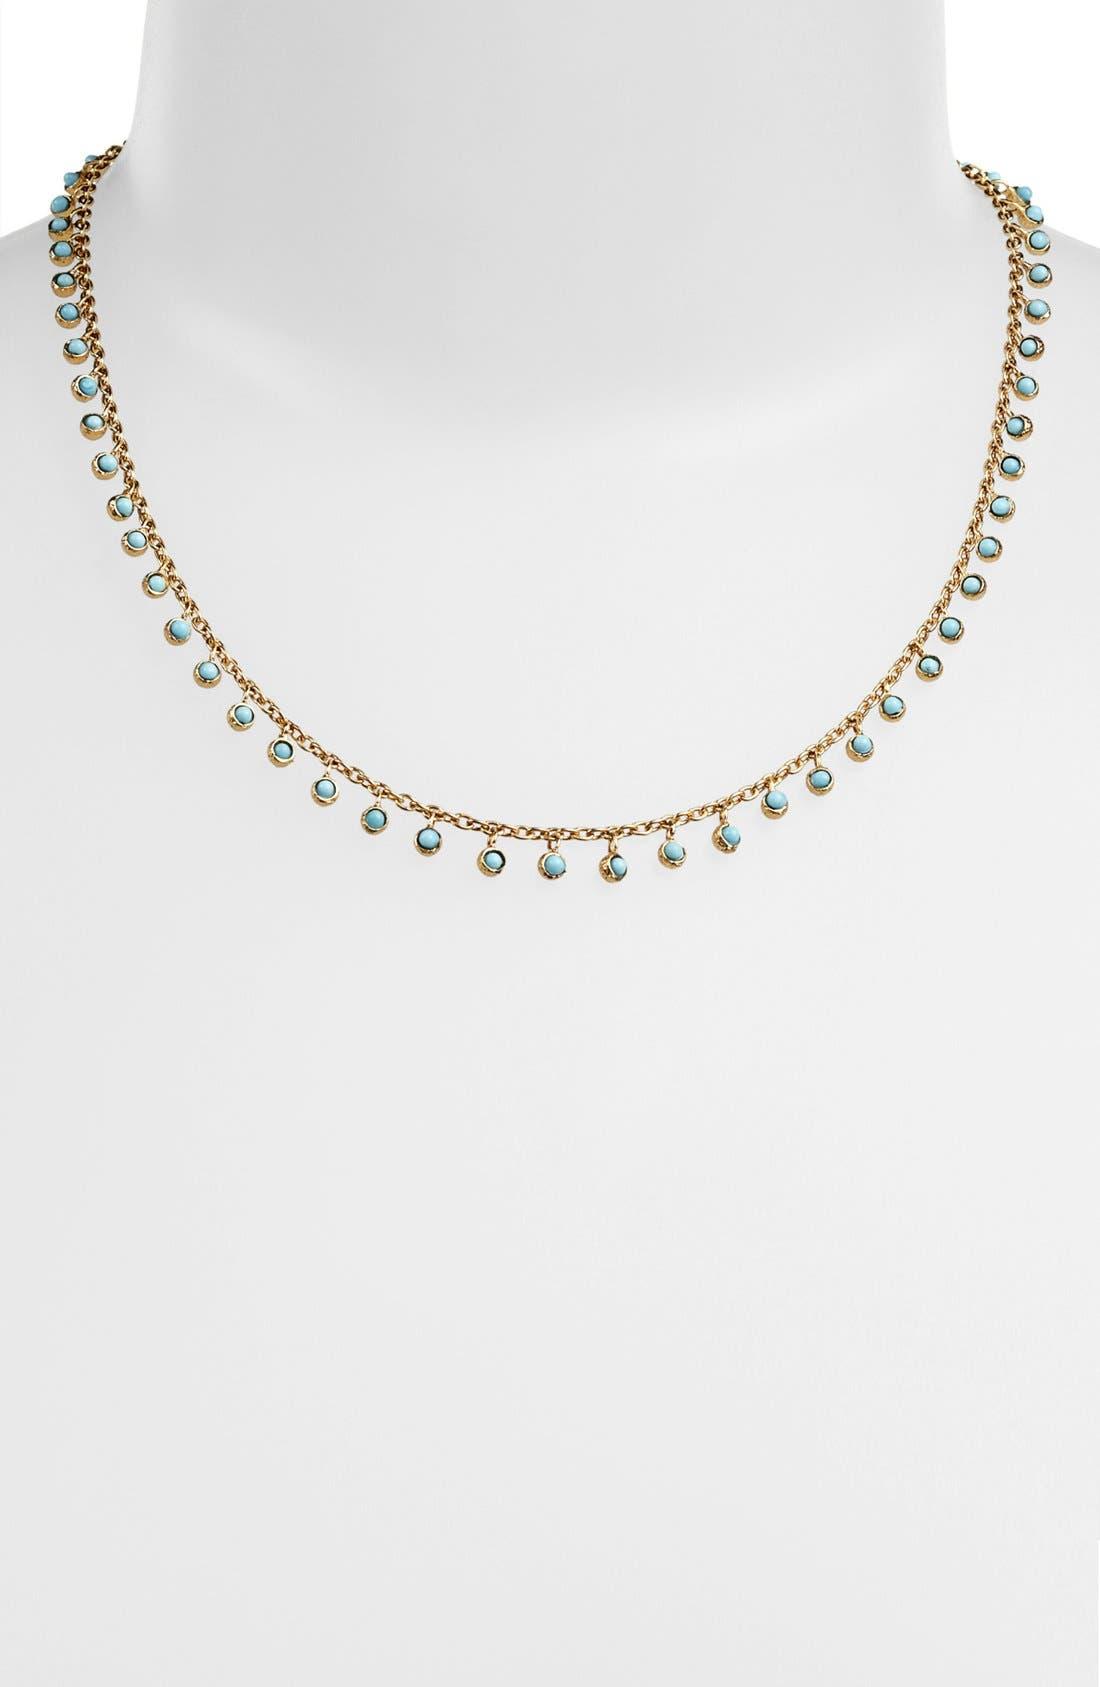 Alternate Image 1 Selected - Melinda Maria 'Fringe' Collar Necklace